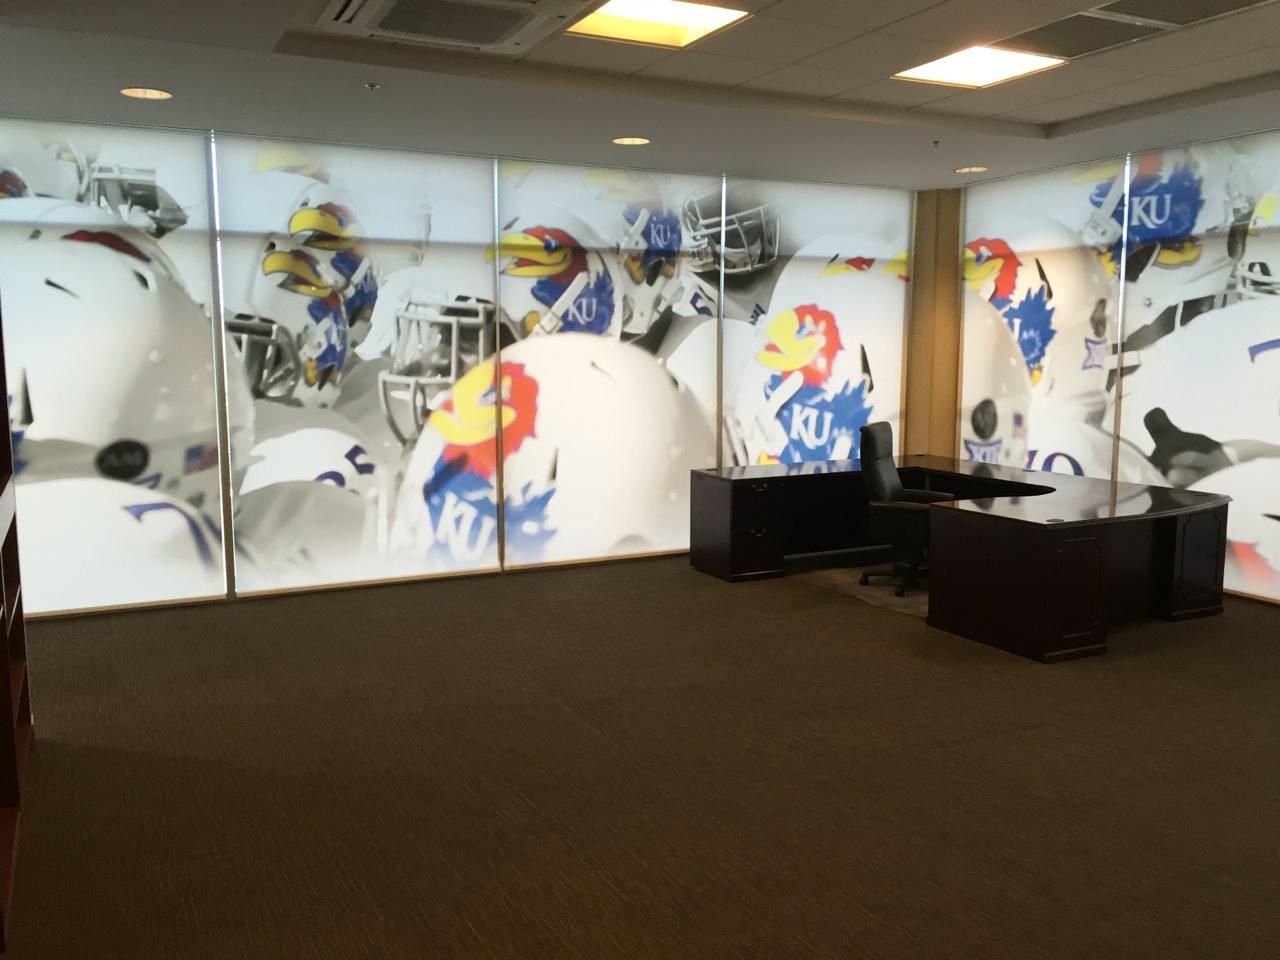 kansas-university-printed-roller-blinds-in-office.jpeg